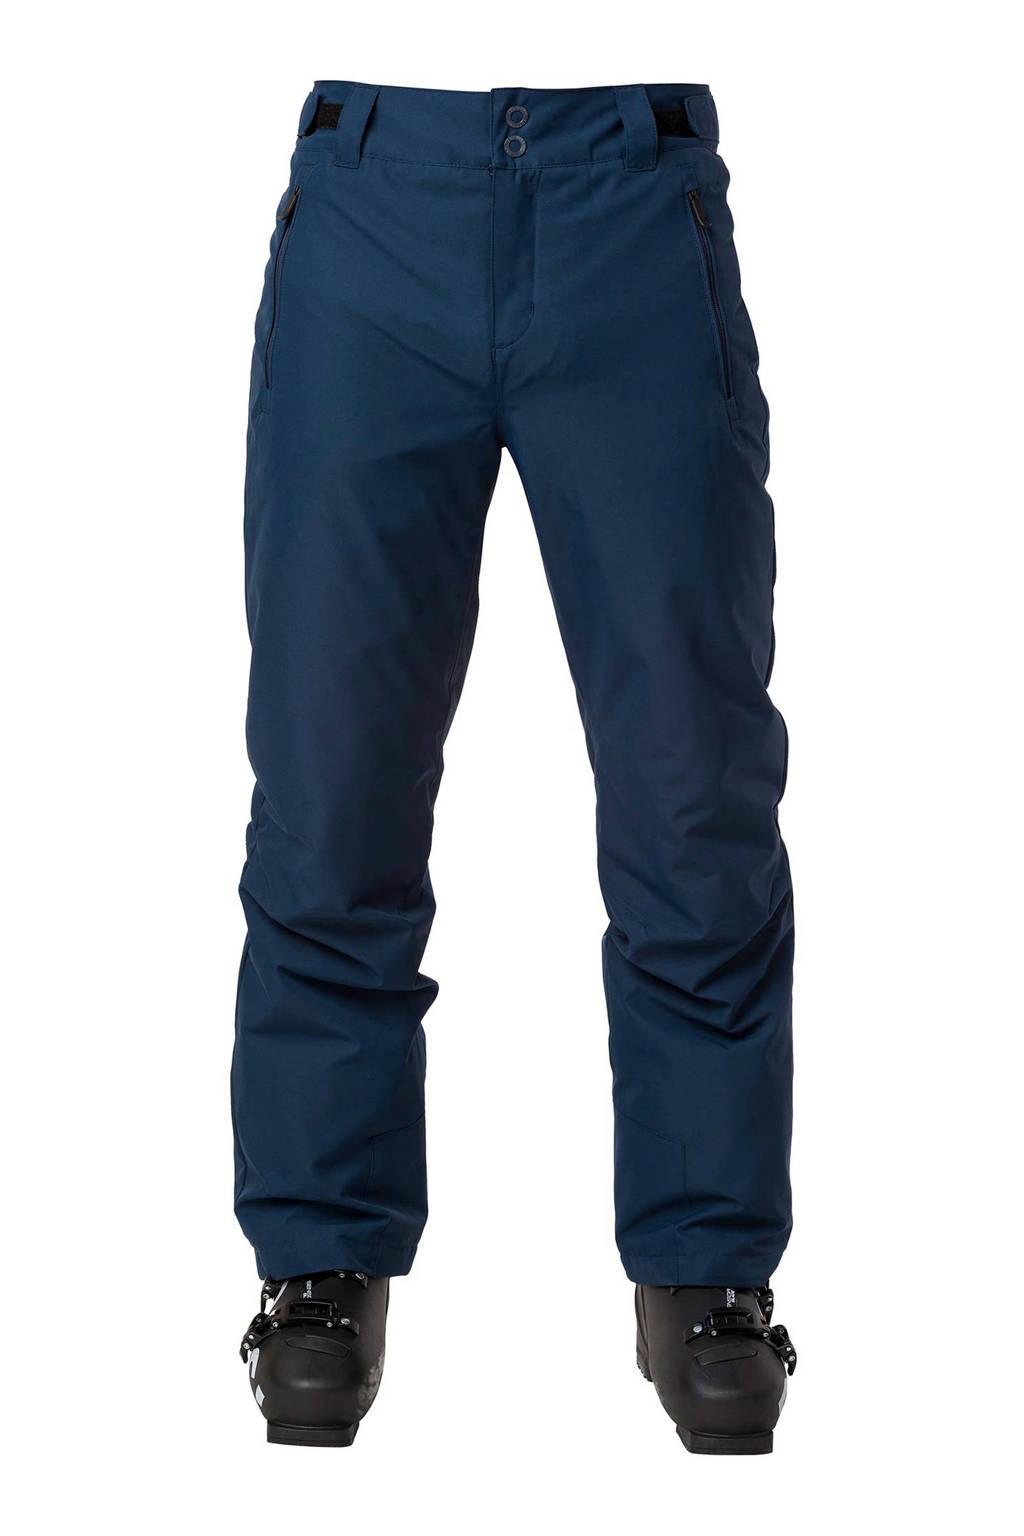 Rossignol skibroek Rapide donkerblauw, Donkerblauw